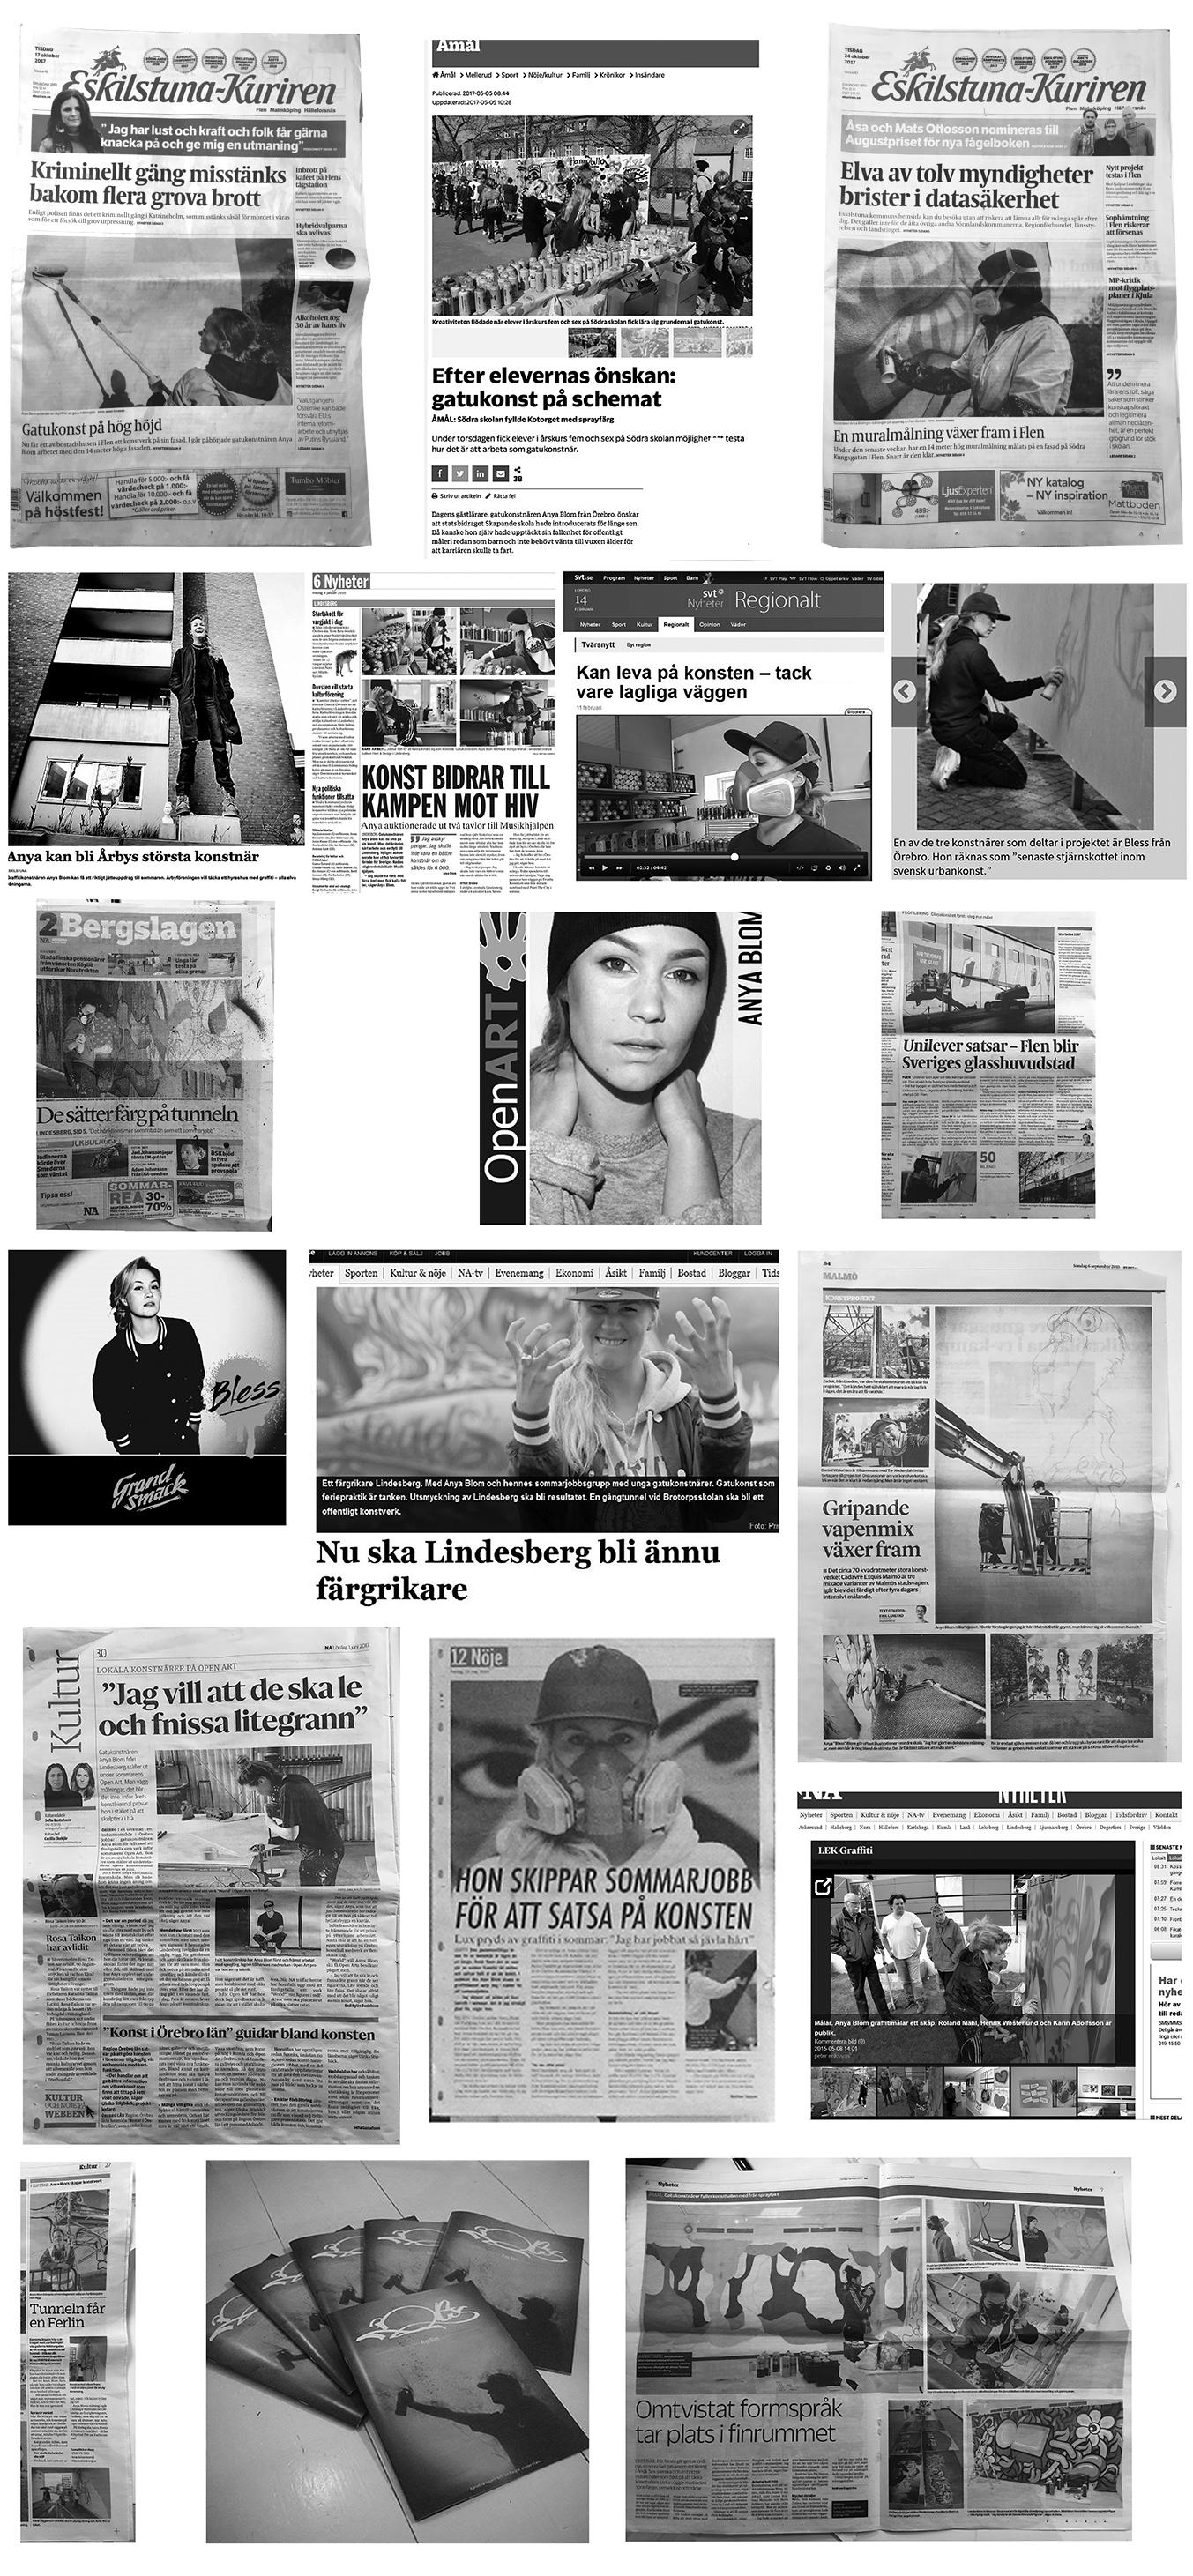 Media2.jpg